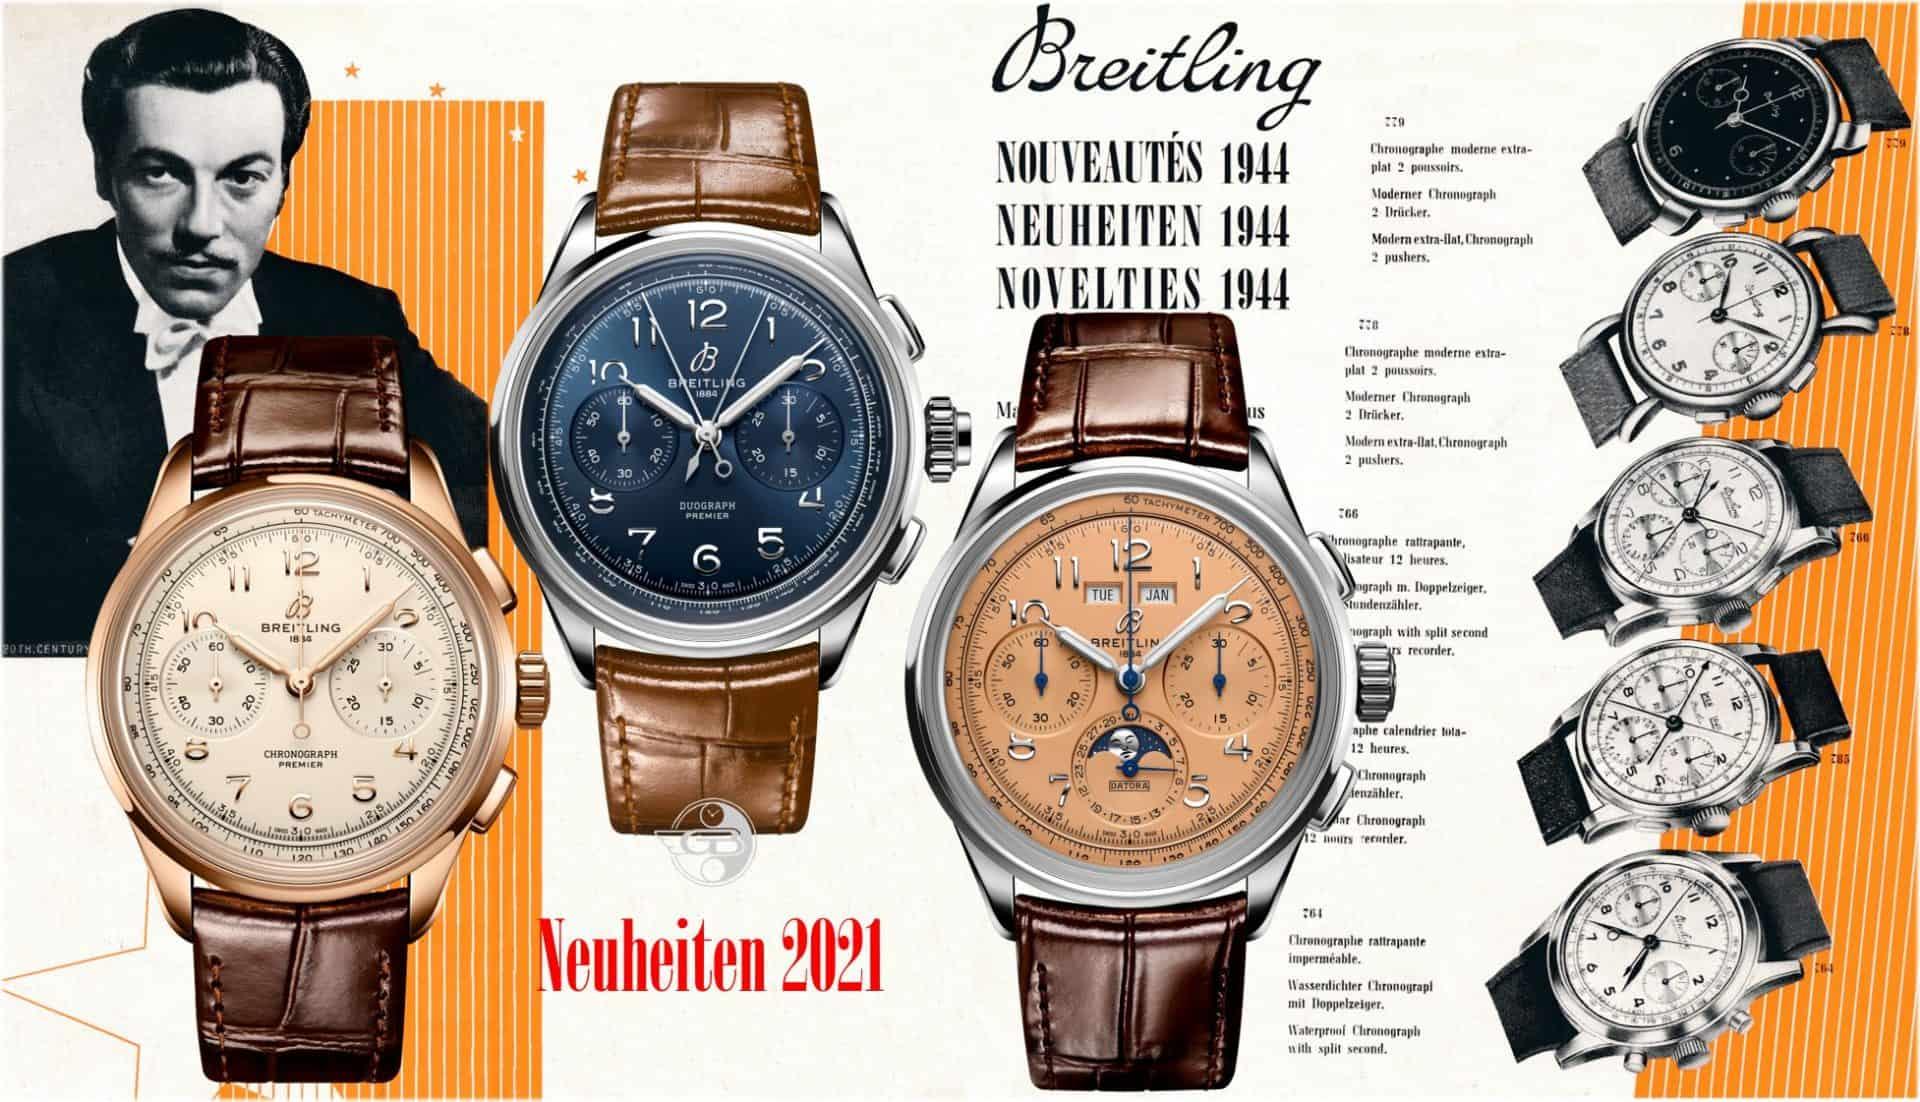 Neue Breitling ChronographenBreitling Premier Heritage Chronographen: zurück in die Zukunft